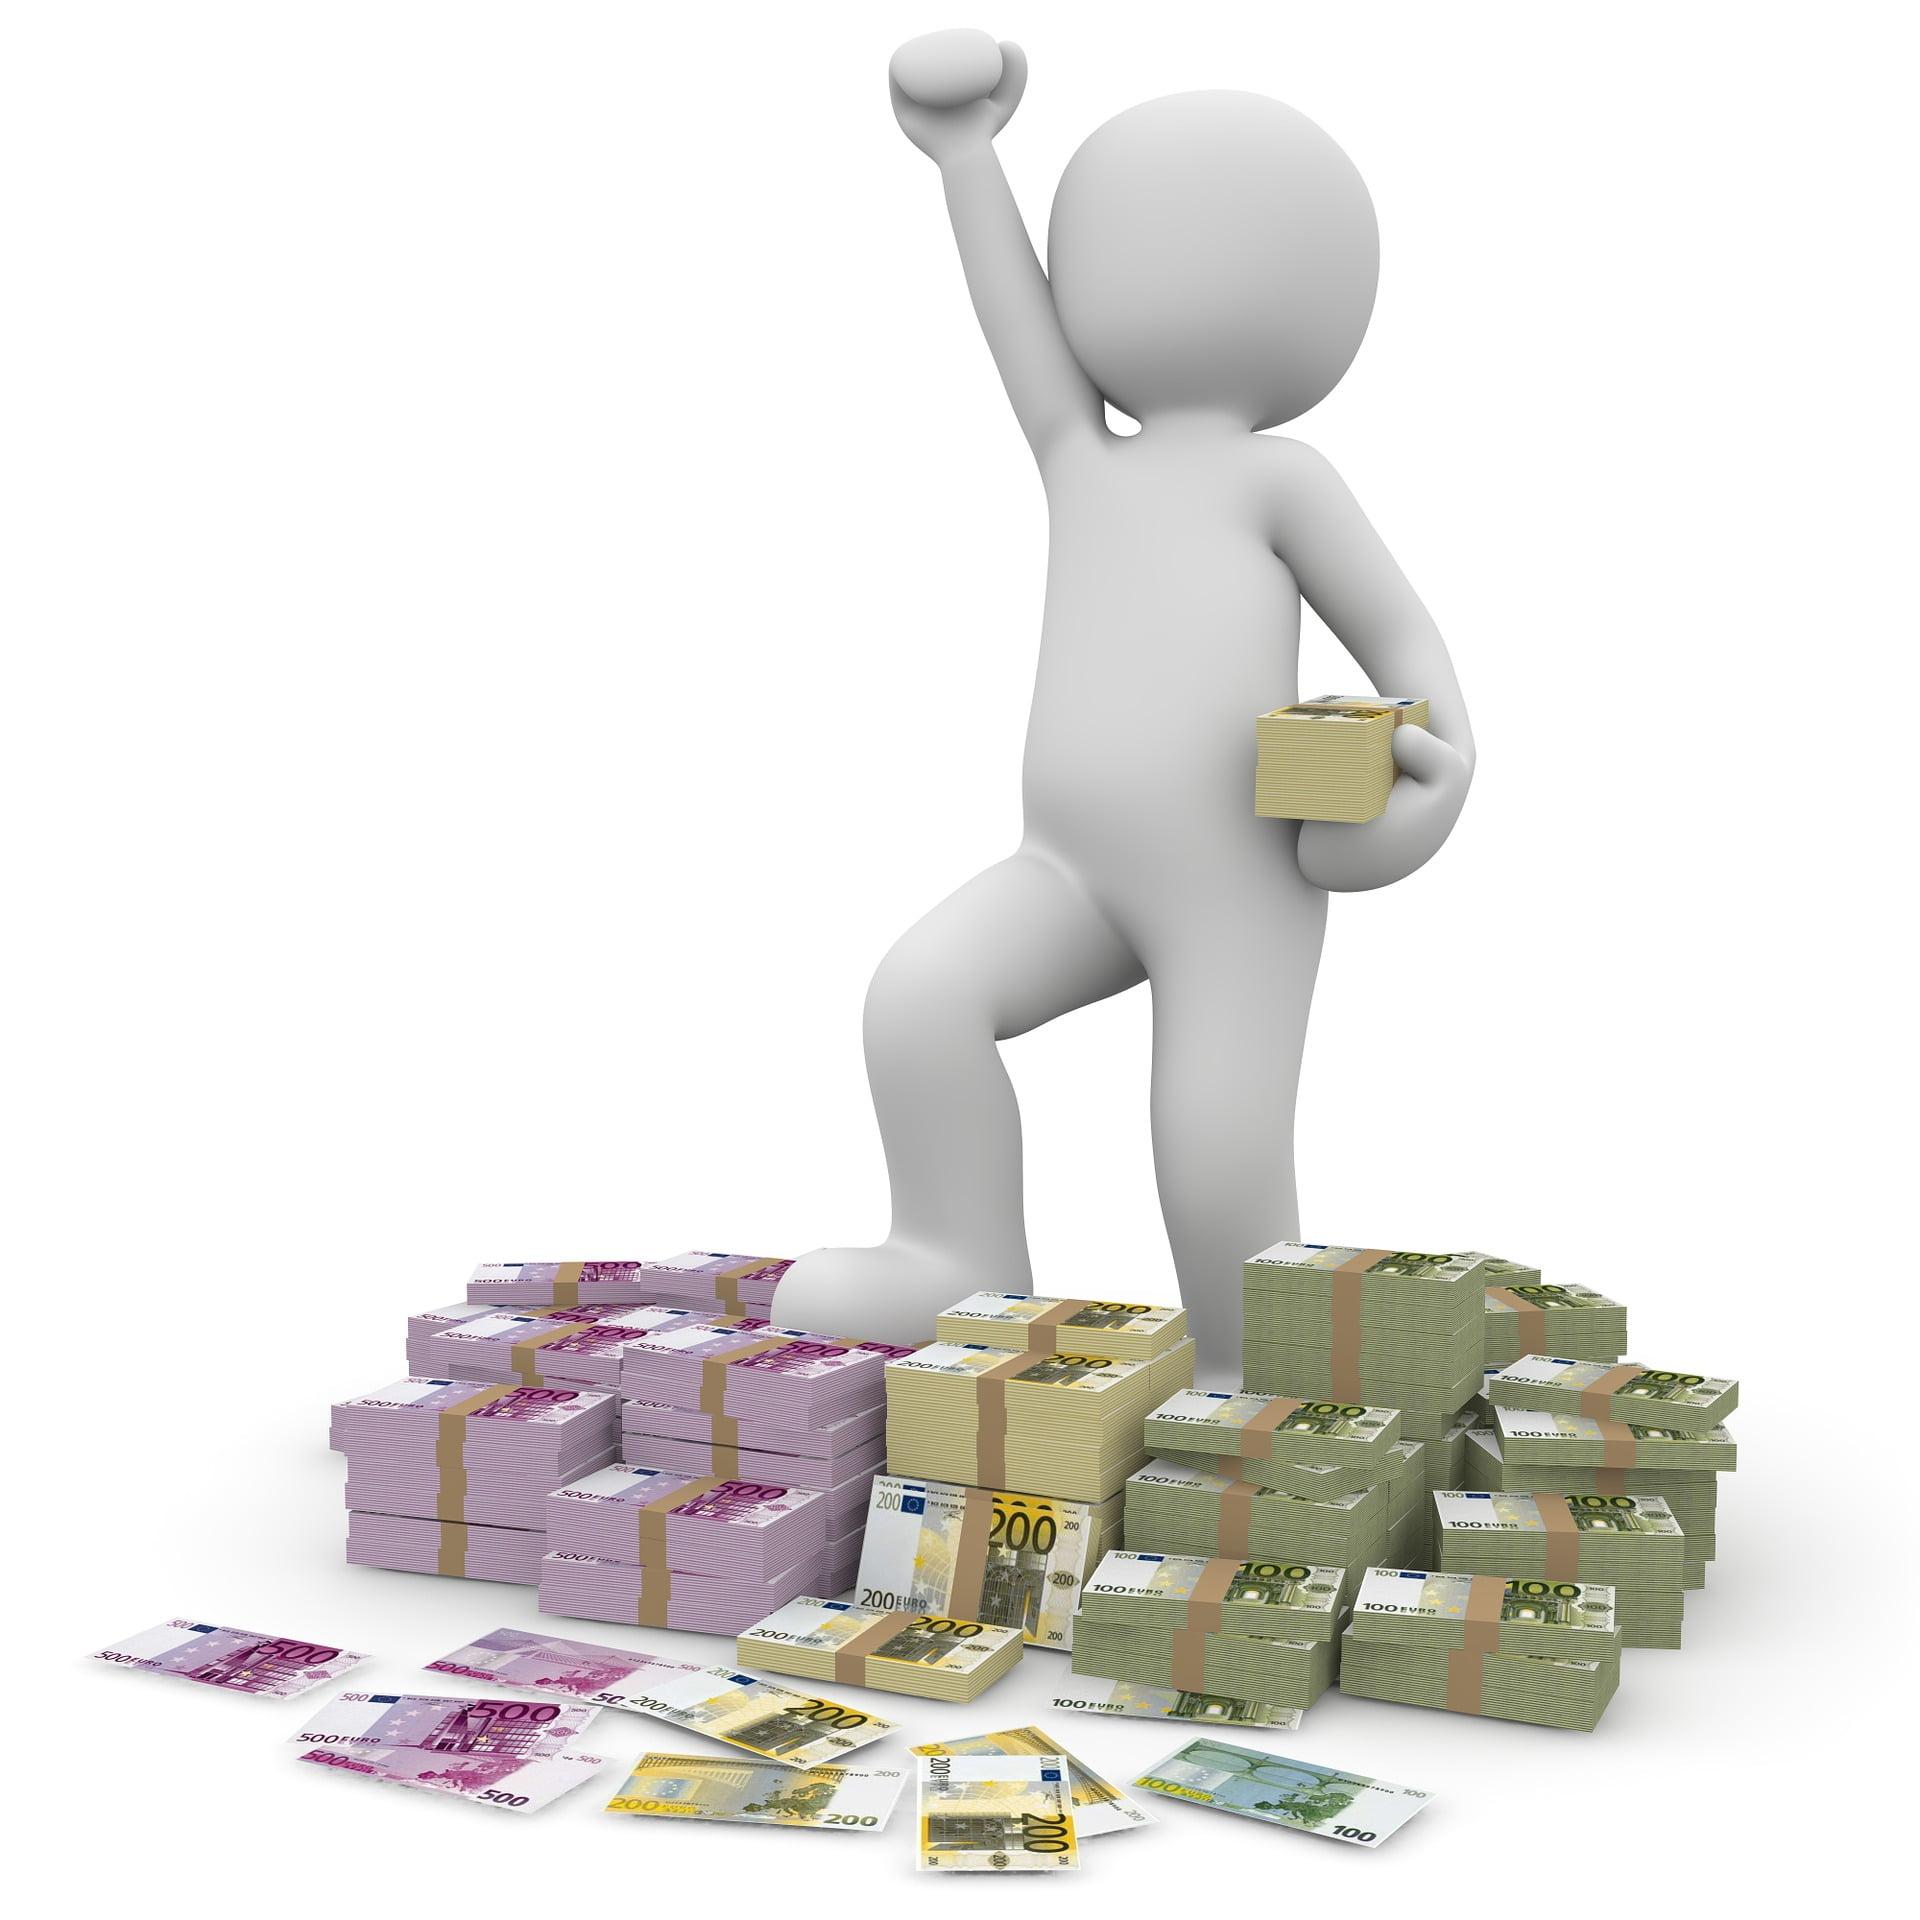 Învață copilul care e valoarea banilor, pentru că acest lucru îi va fi de folos în viața lui de adult.